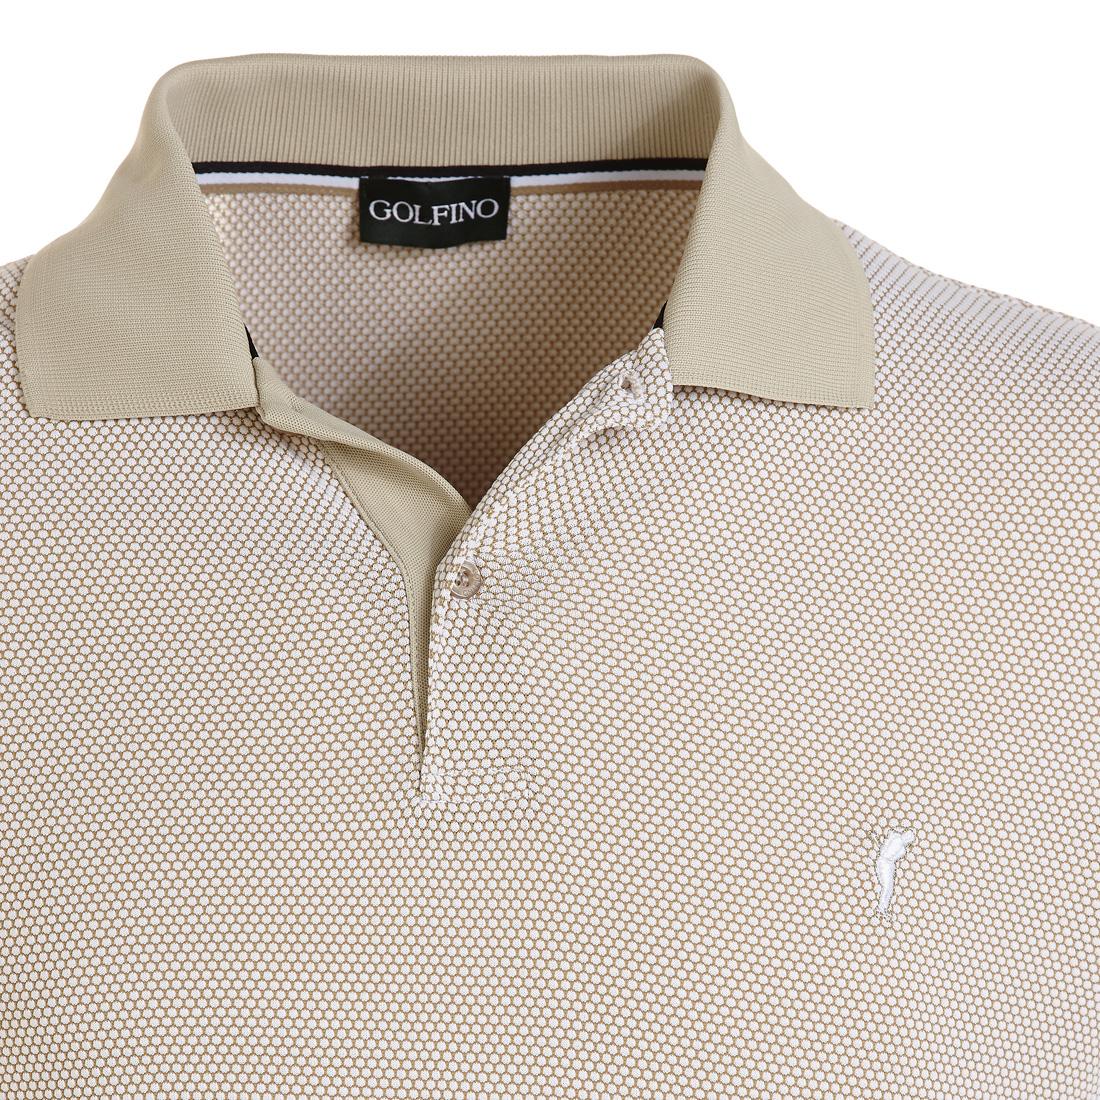 Bubble Jacquard Poloshirt